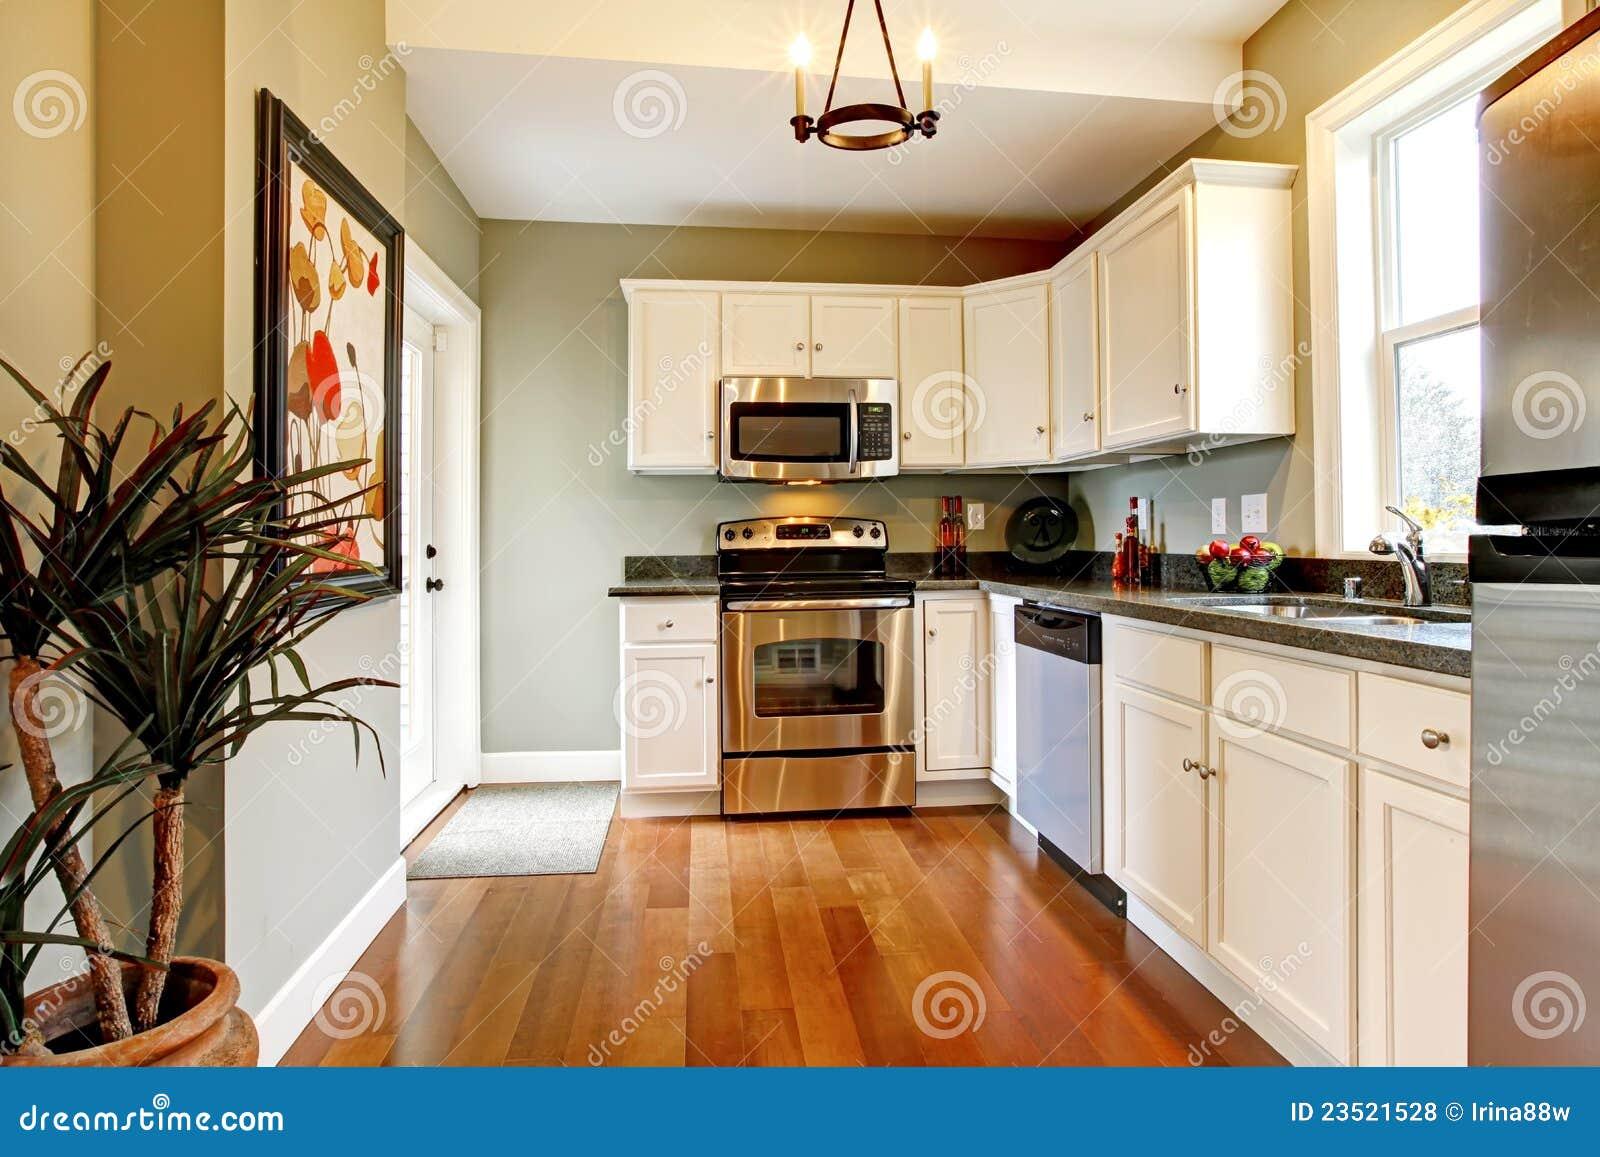 Woonkamer deco natuur - Deco witte keuken ...